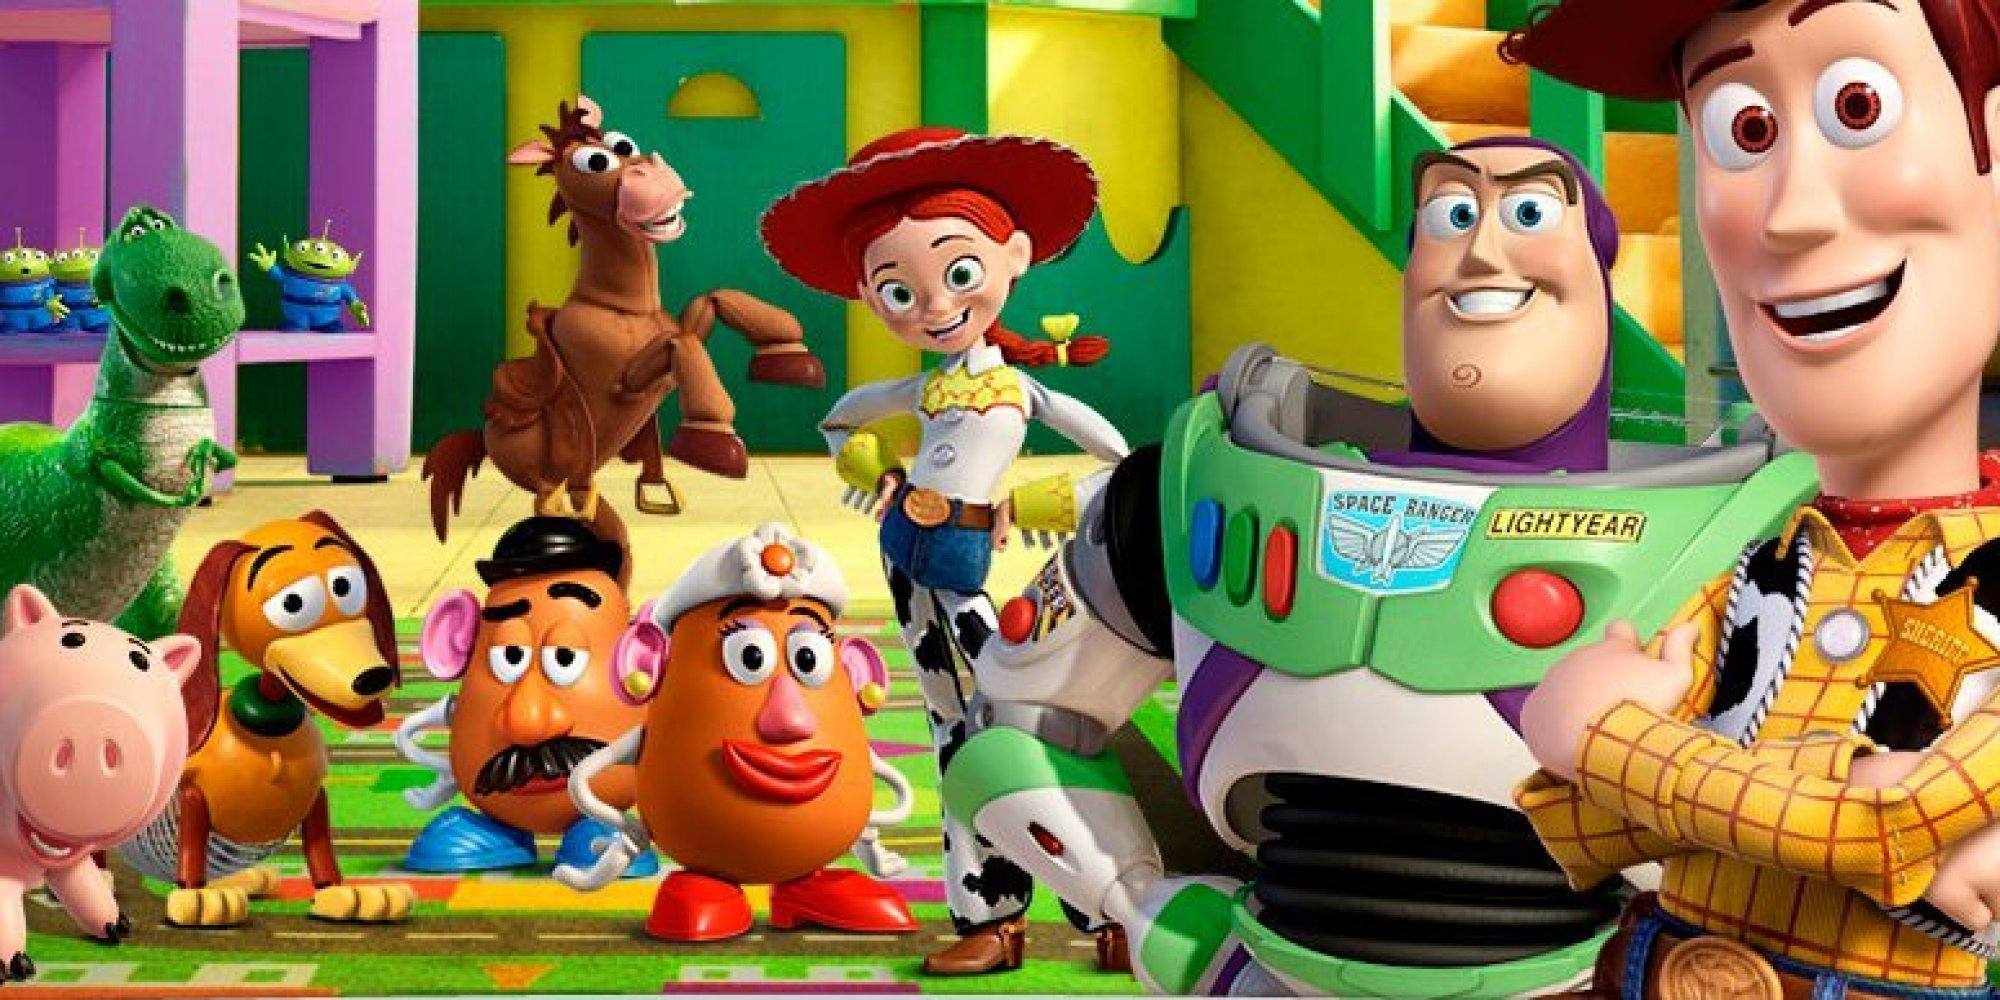 Toy Story 4 : Toy story la nueva película de pixar se estrenará en